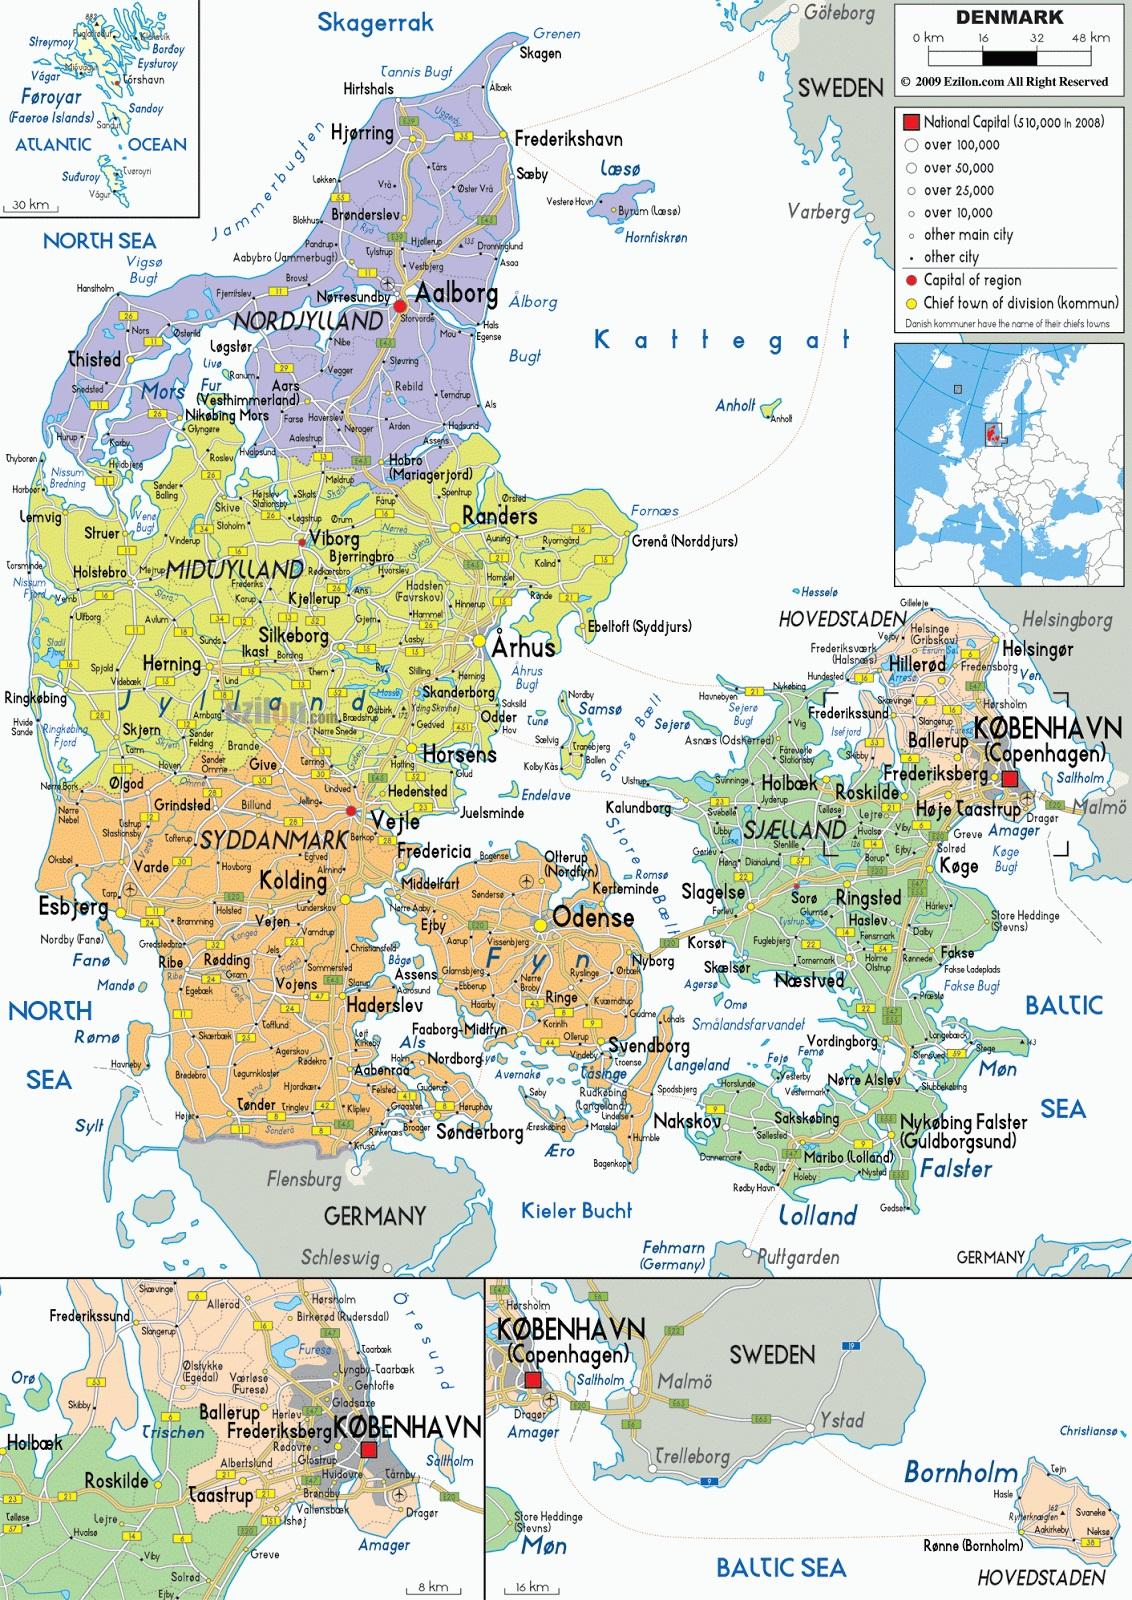 Carte détaillée du Danemark